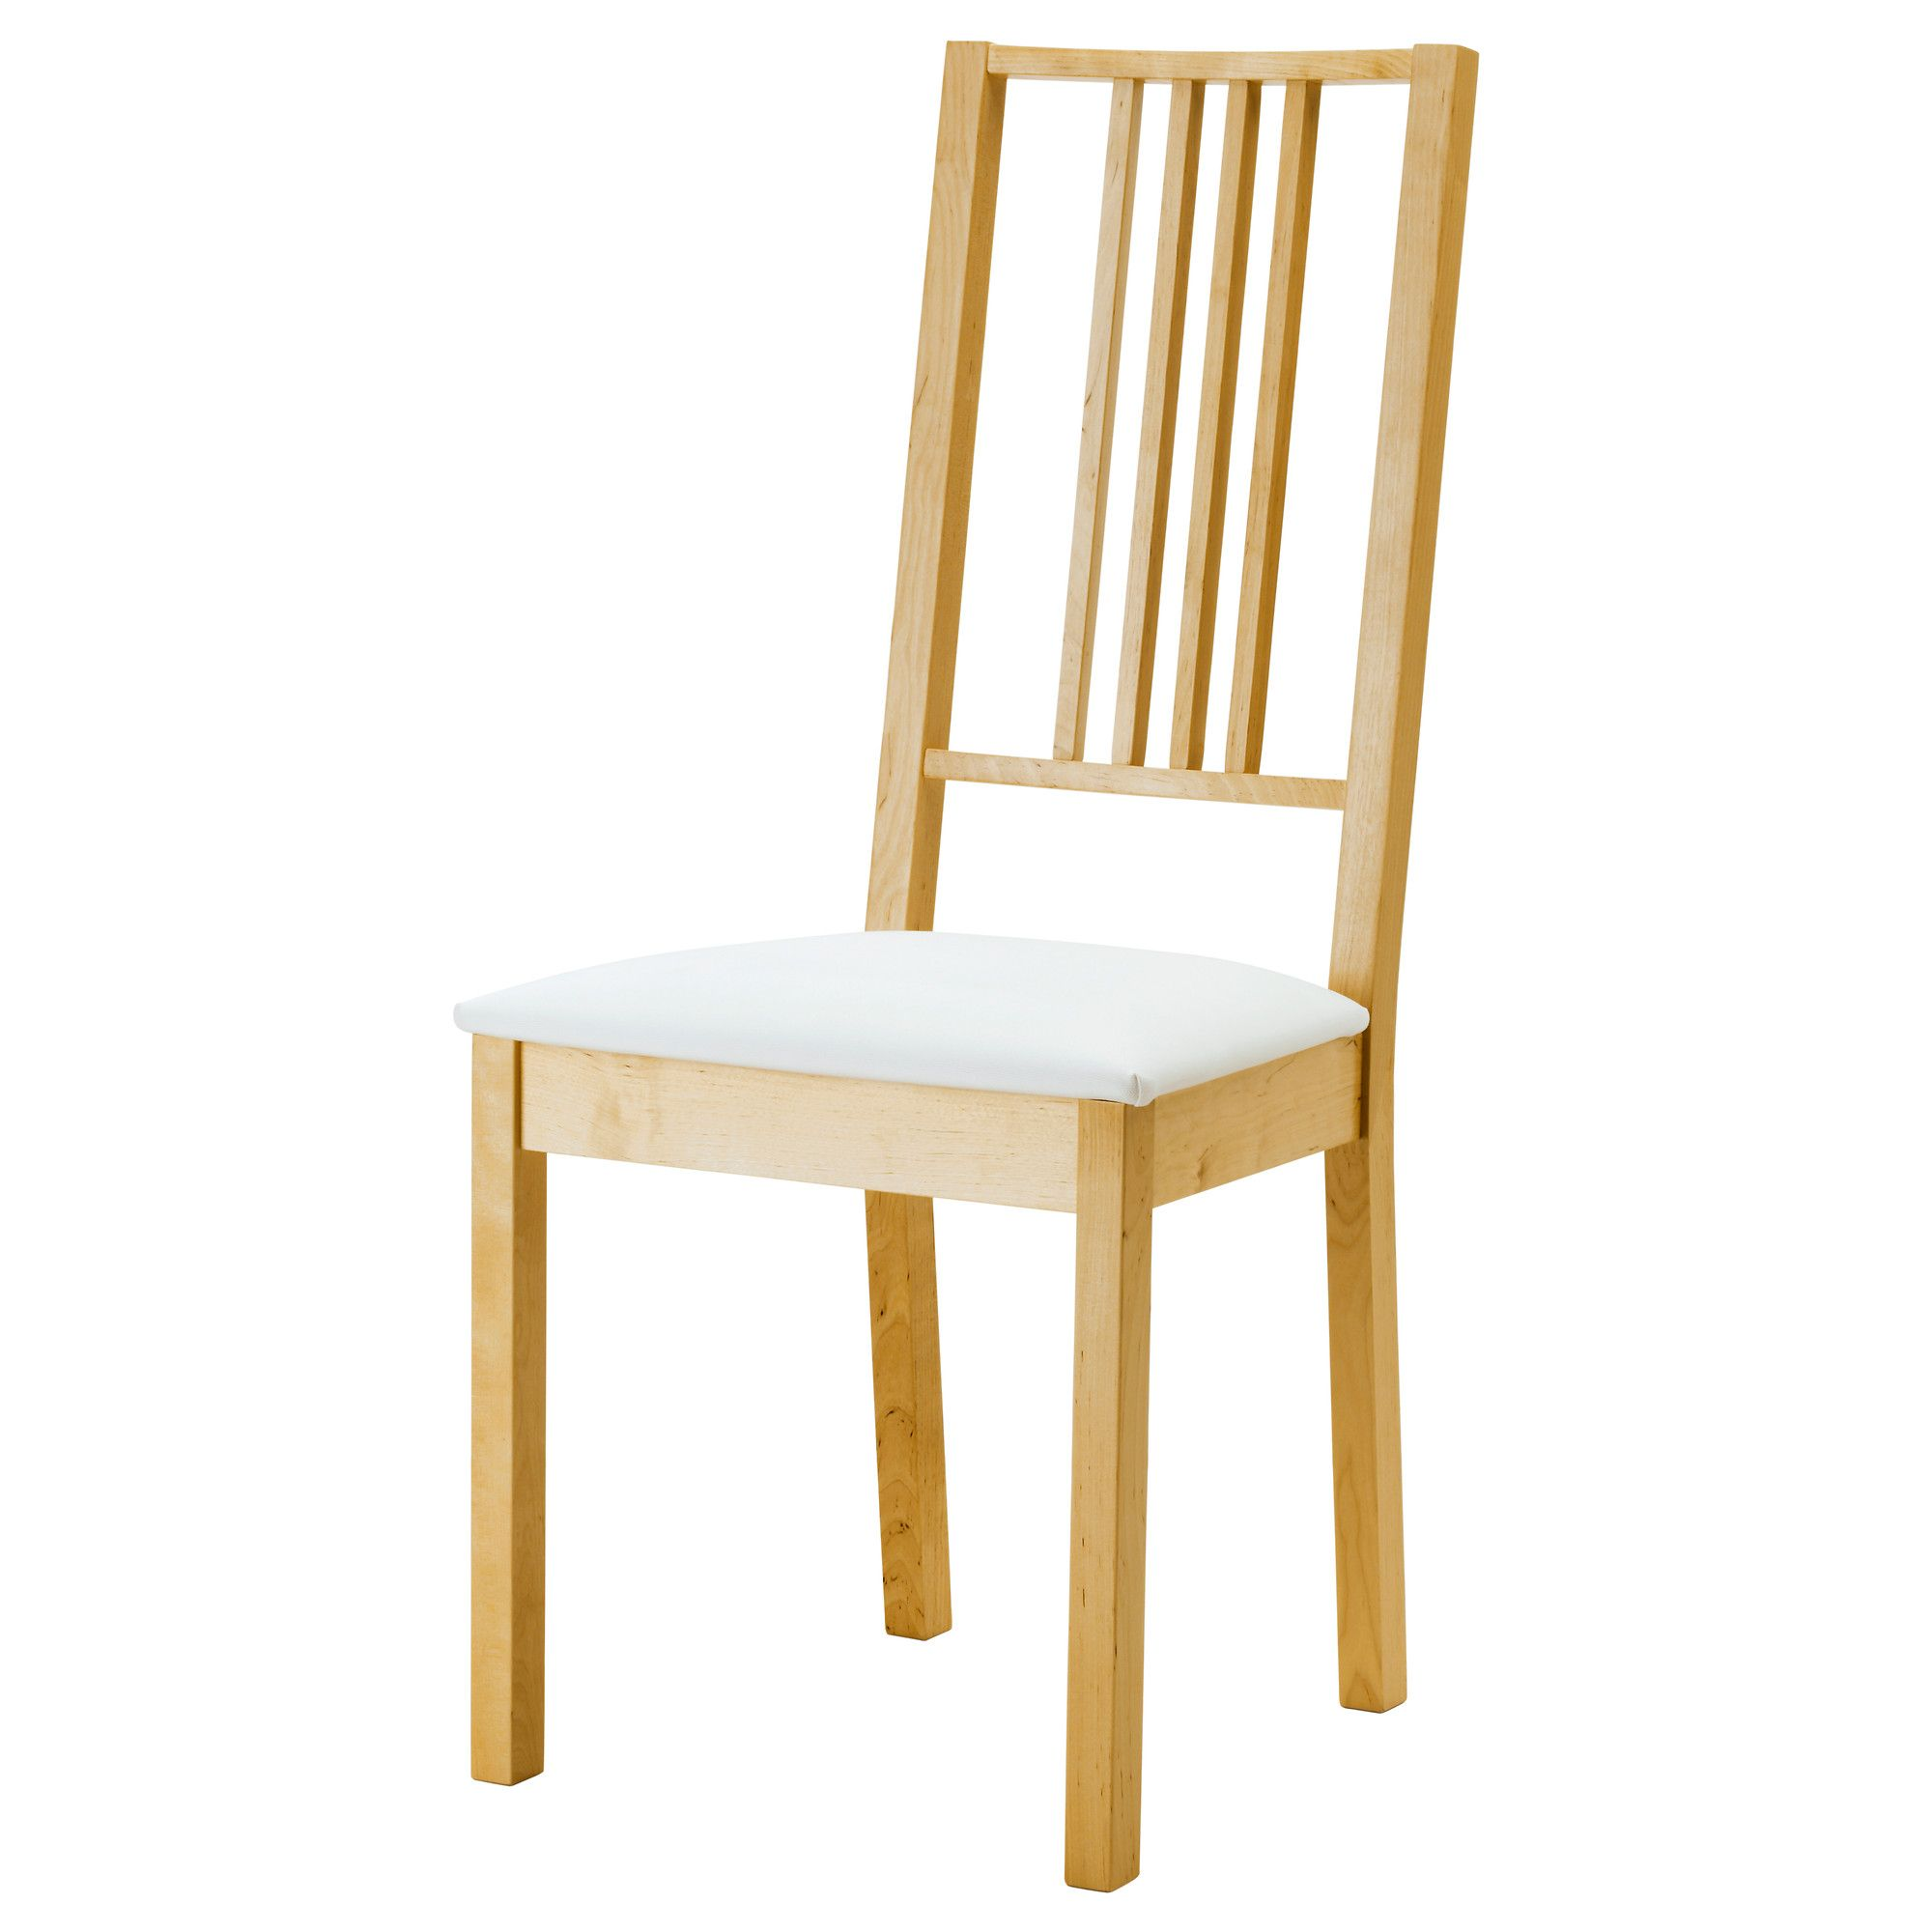 Ikea Stuhl Küche Überprüfen Sie mehr unter kuchedeko